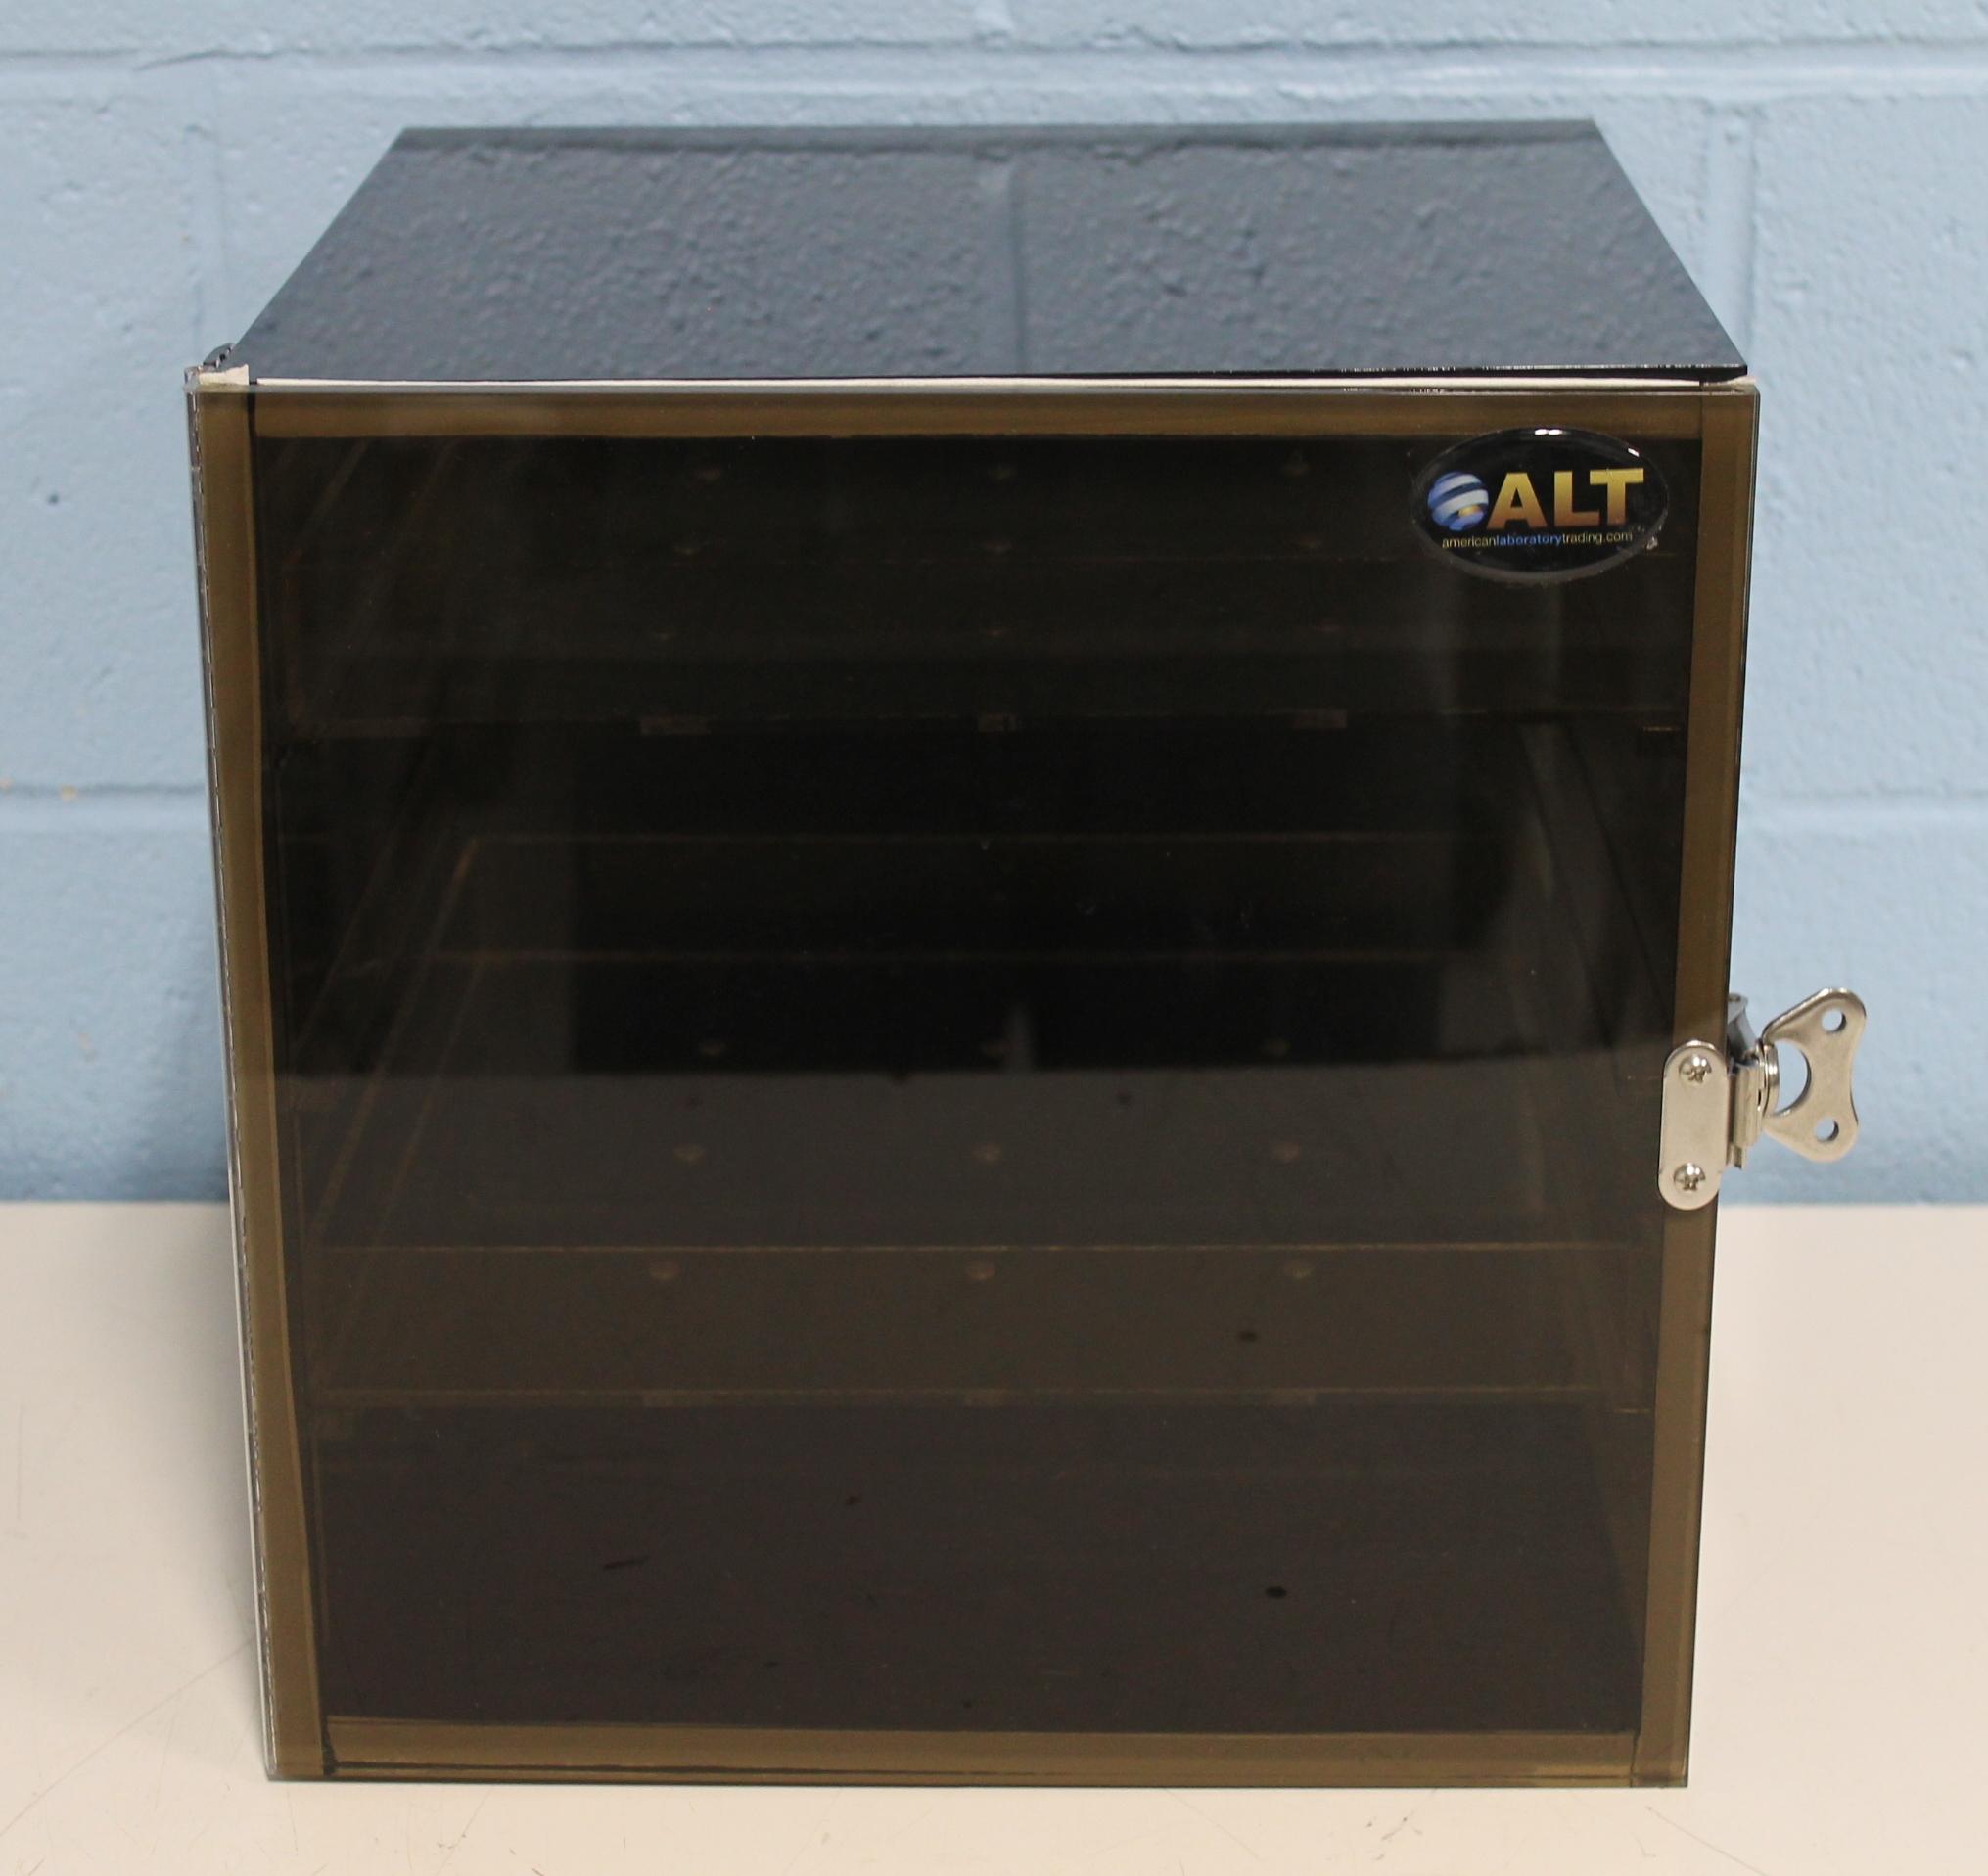 Refurbished Desiccator DryKeeper Desiccator Cabinet